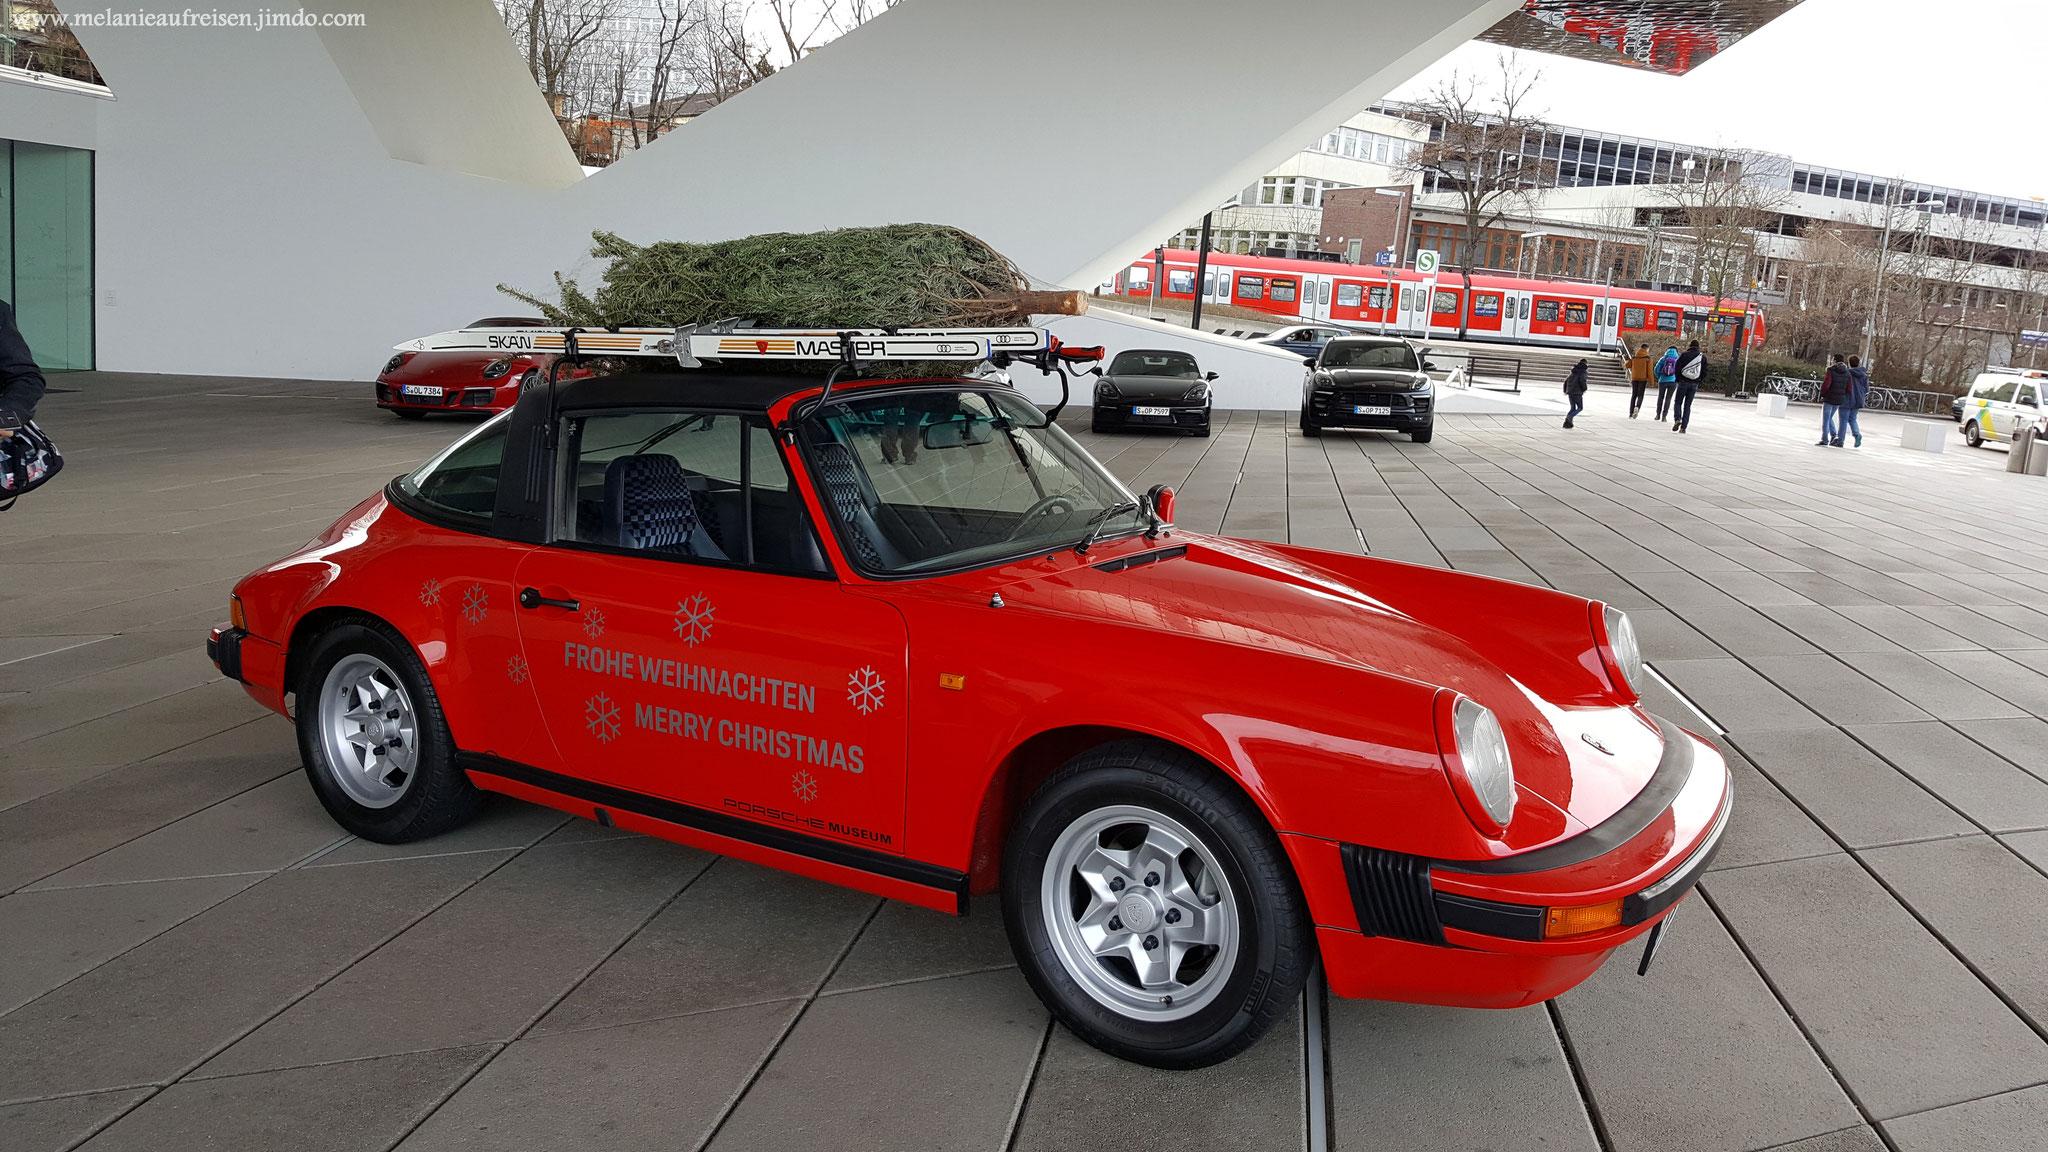 Frohe Weihnachten wünschst das Porsche-Museum